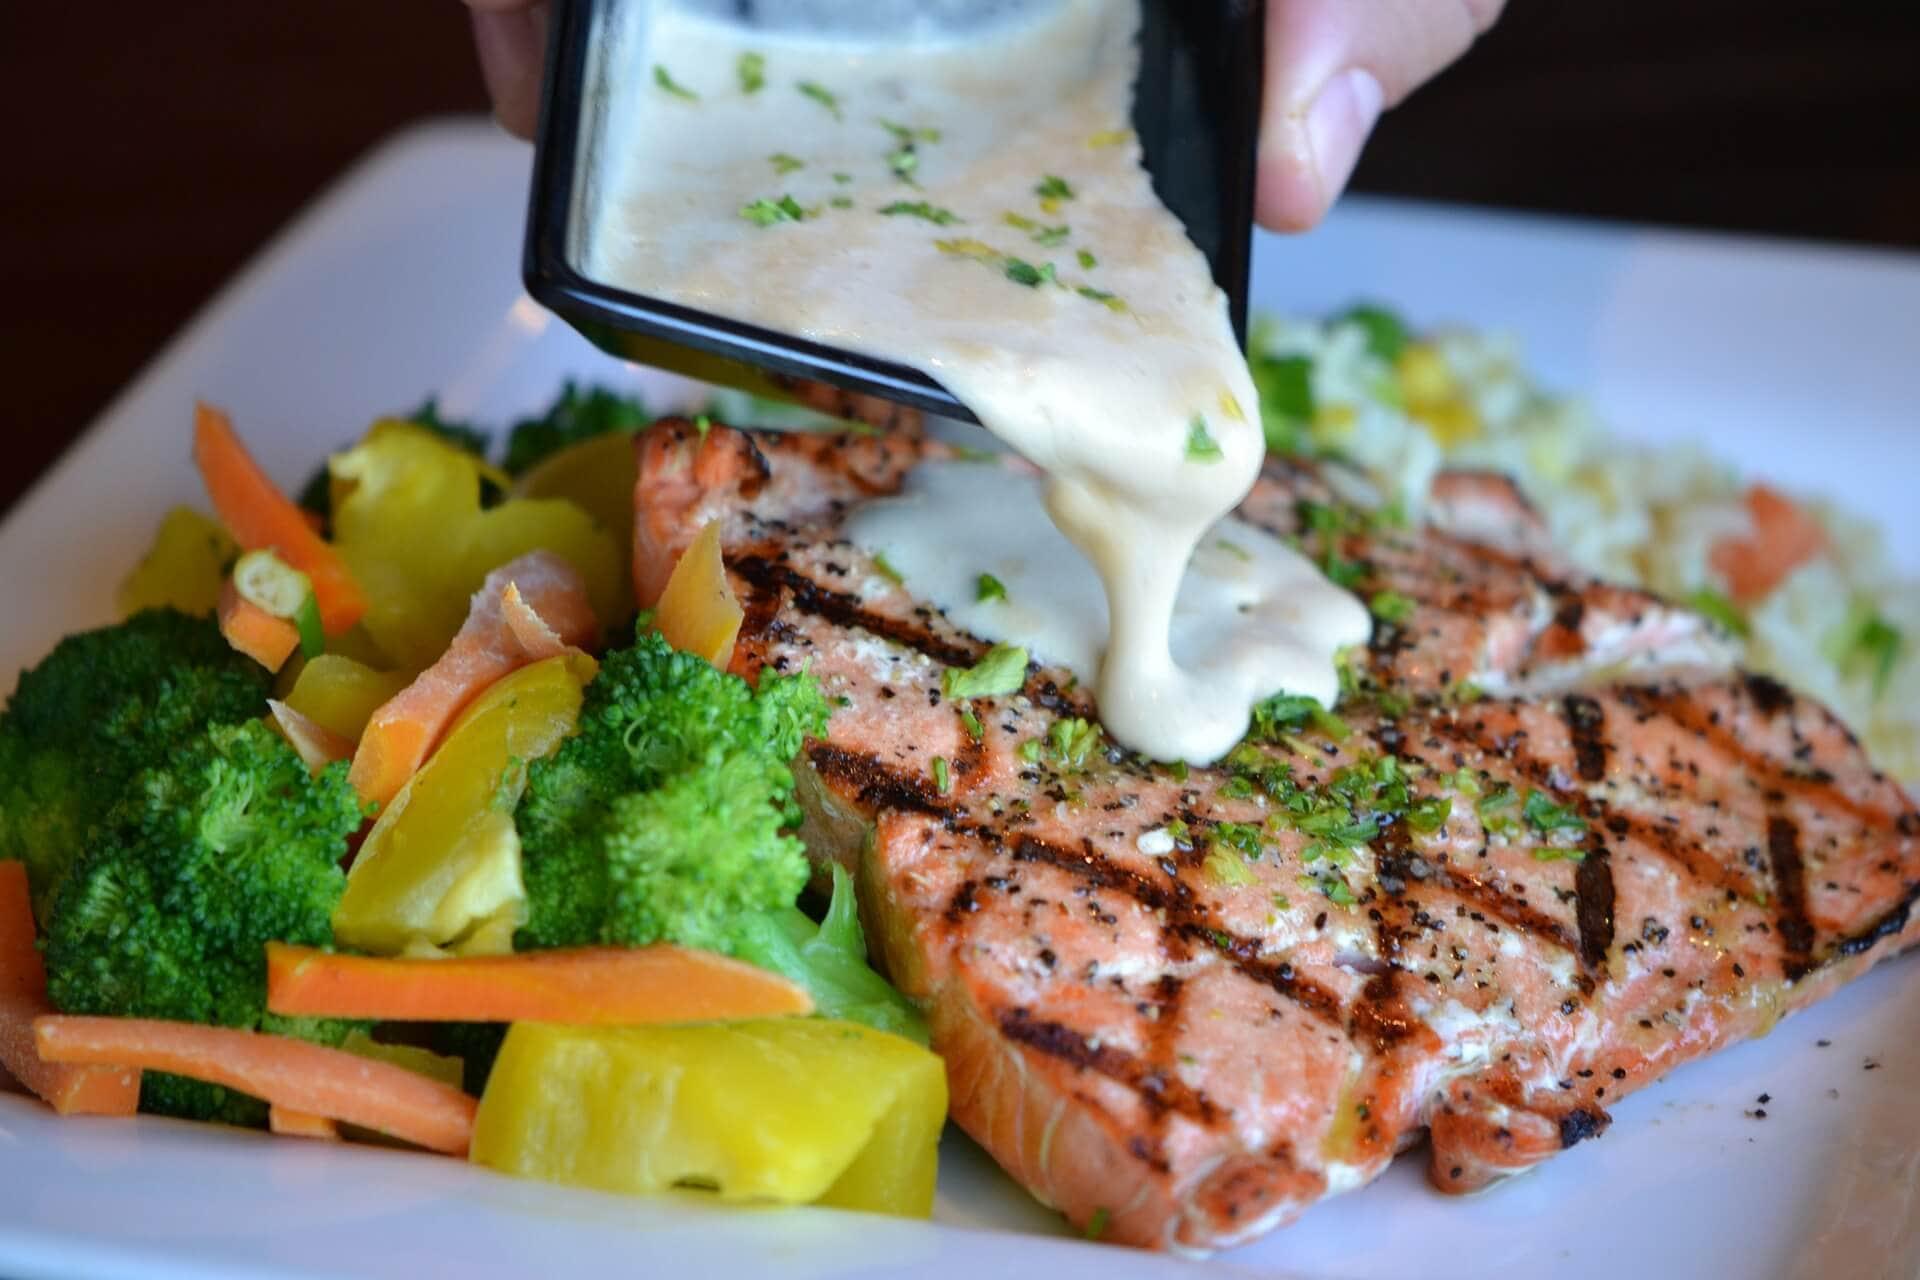 comida sana para hacer deporte